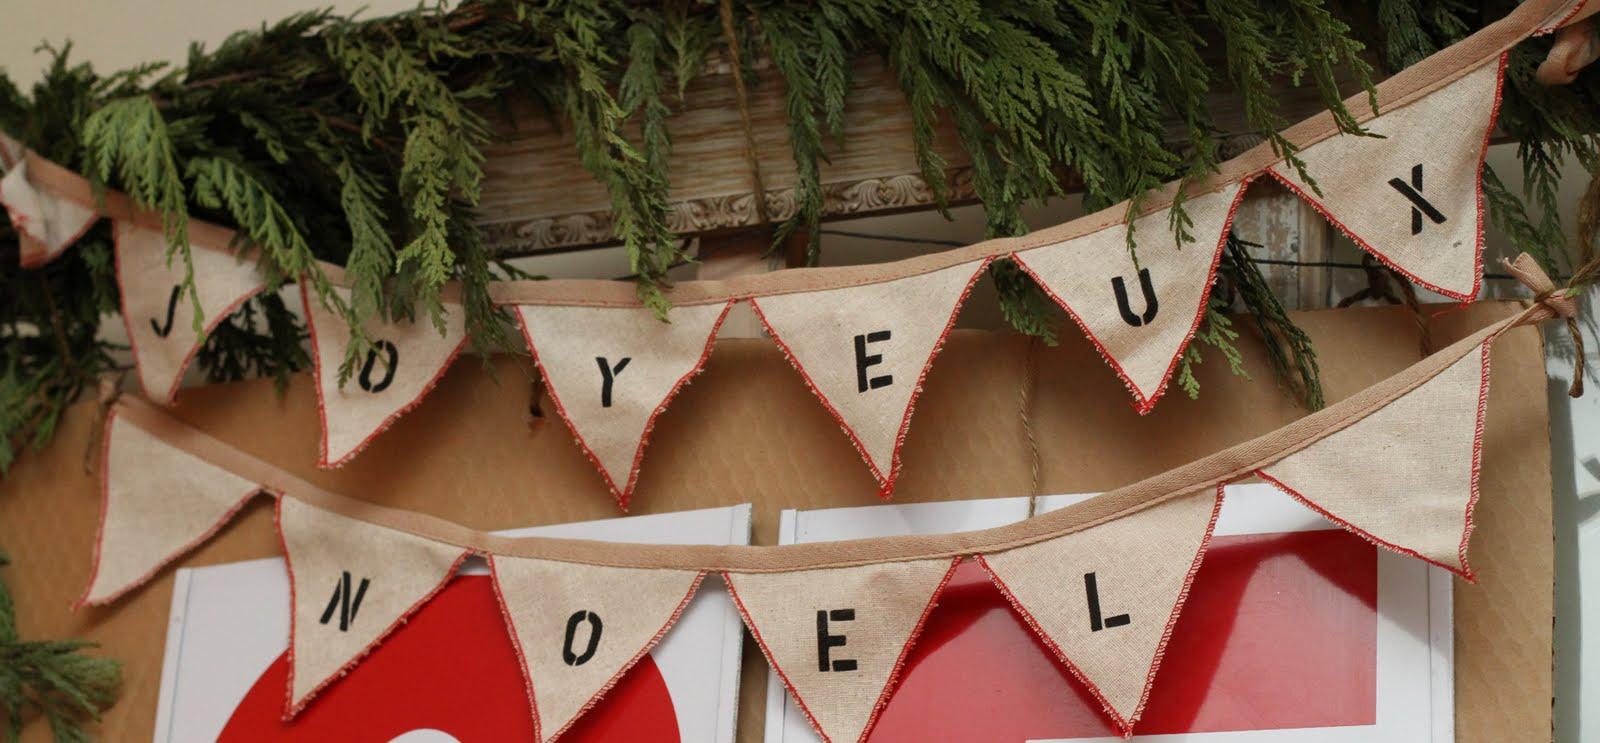 Новый год к нам мчится: фотообзор новогодних интерьеров с идеями для декора